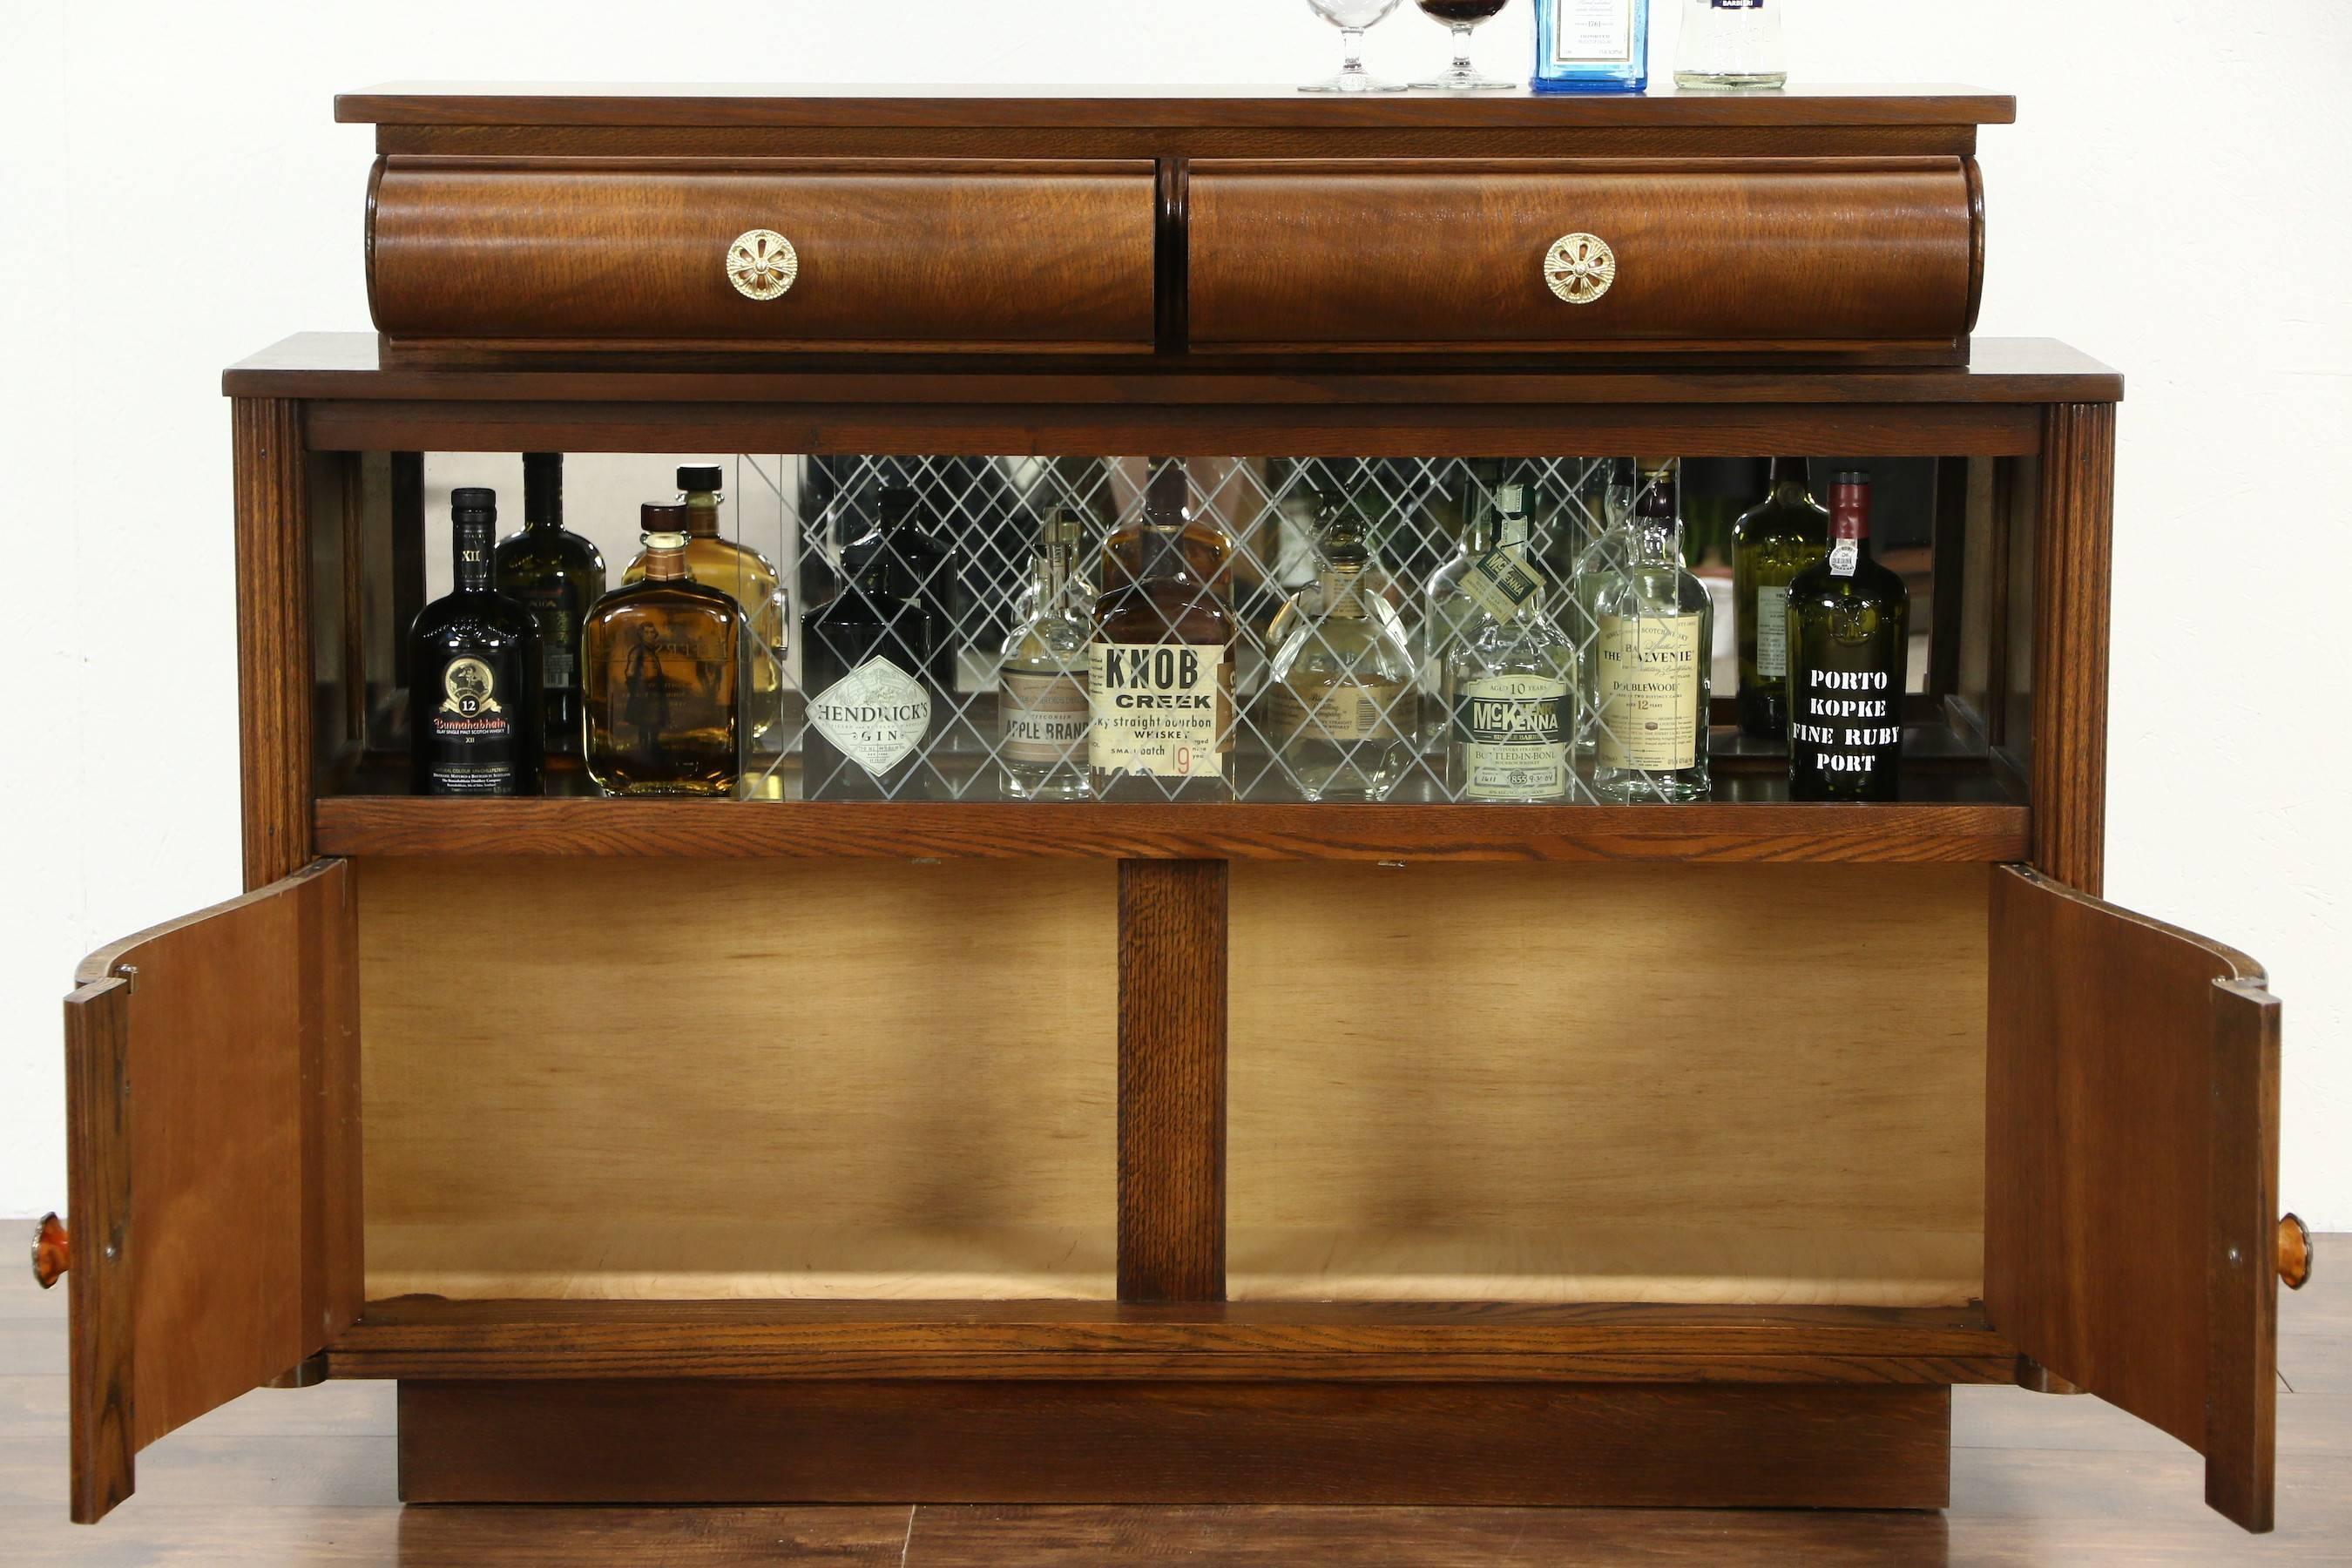 Sold – Art Deco Oak Vintage Scandinavian Sideboard, Bar Cabinet Inside Most Up To Date Sideboard Bar Cabinet (#13 of 15)